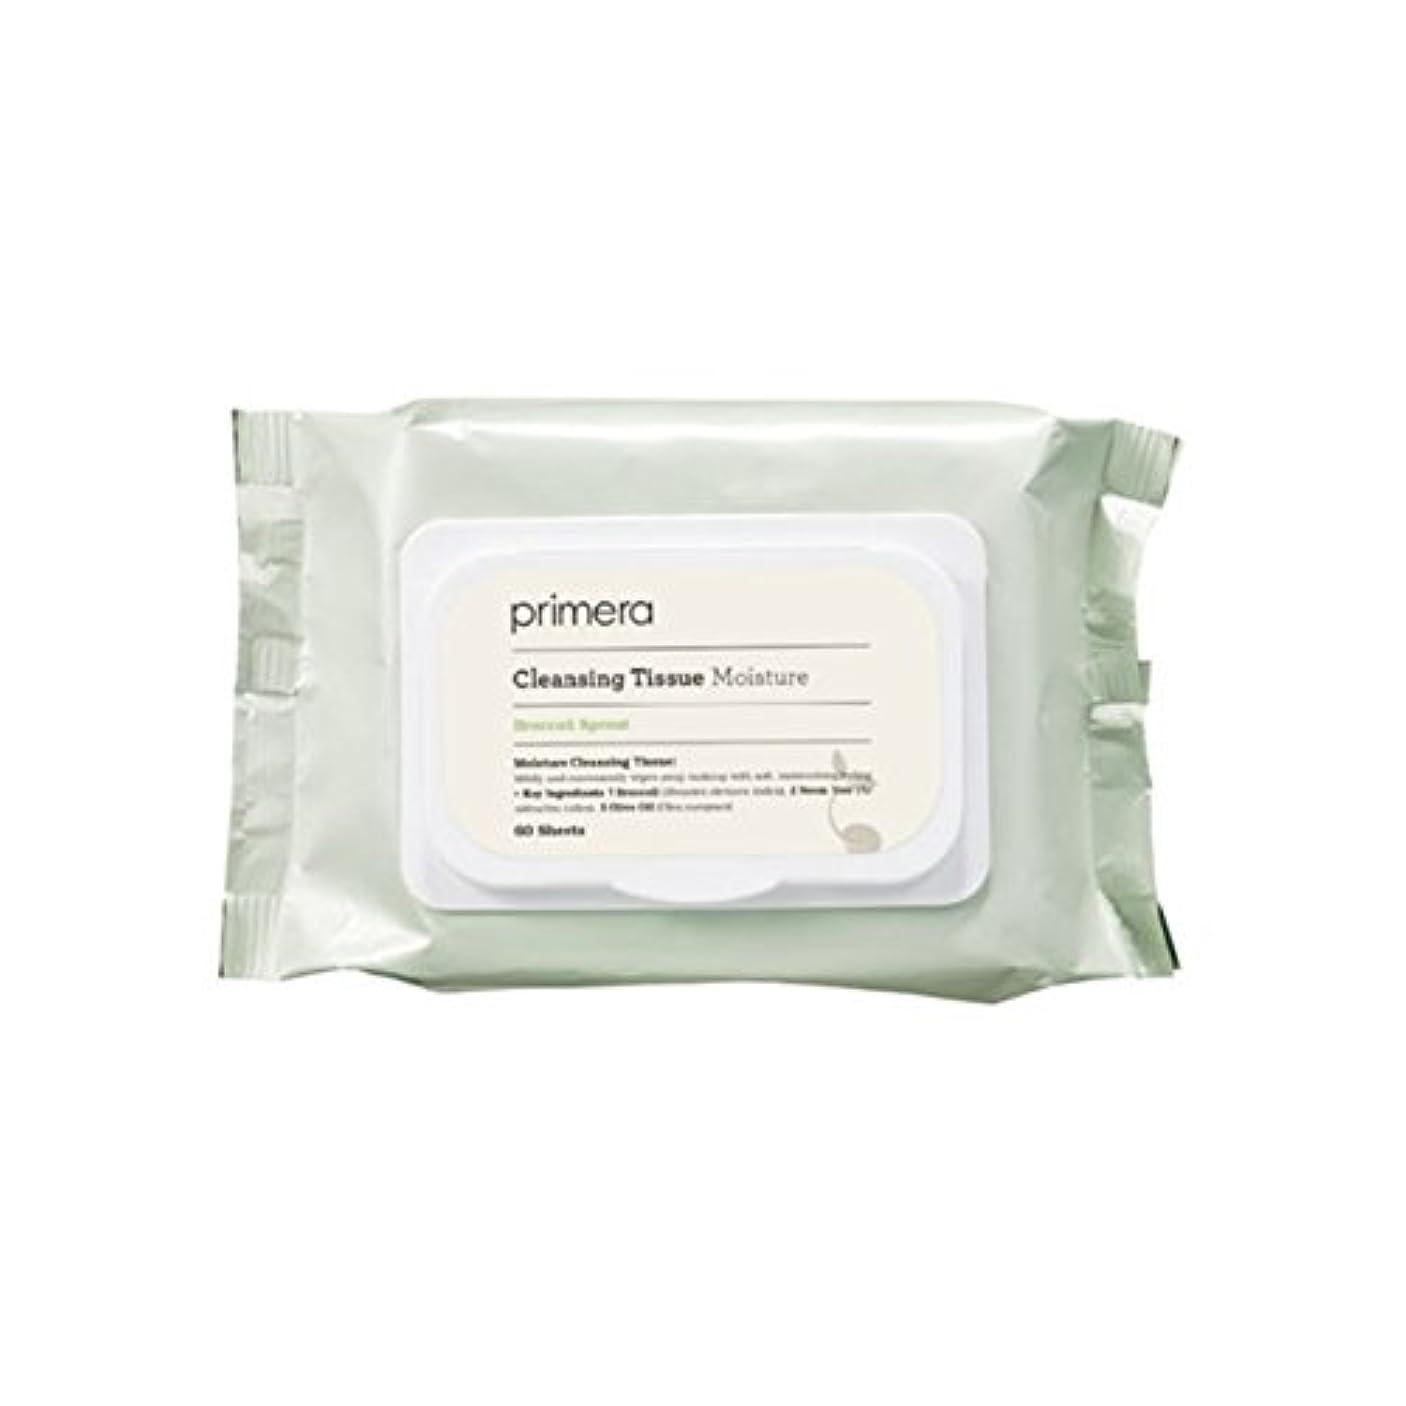 失礼なブランチドキドキ(プリメーラ) PRIMERA モイスチャークレンジングティッシュ Moisture Cleasing Tissue (韓国直発送) oopspanda